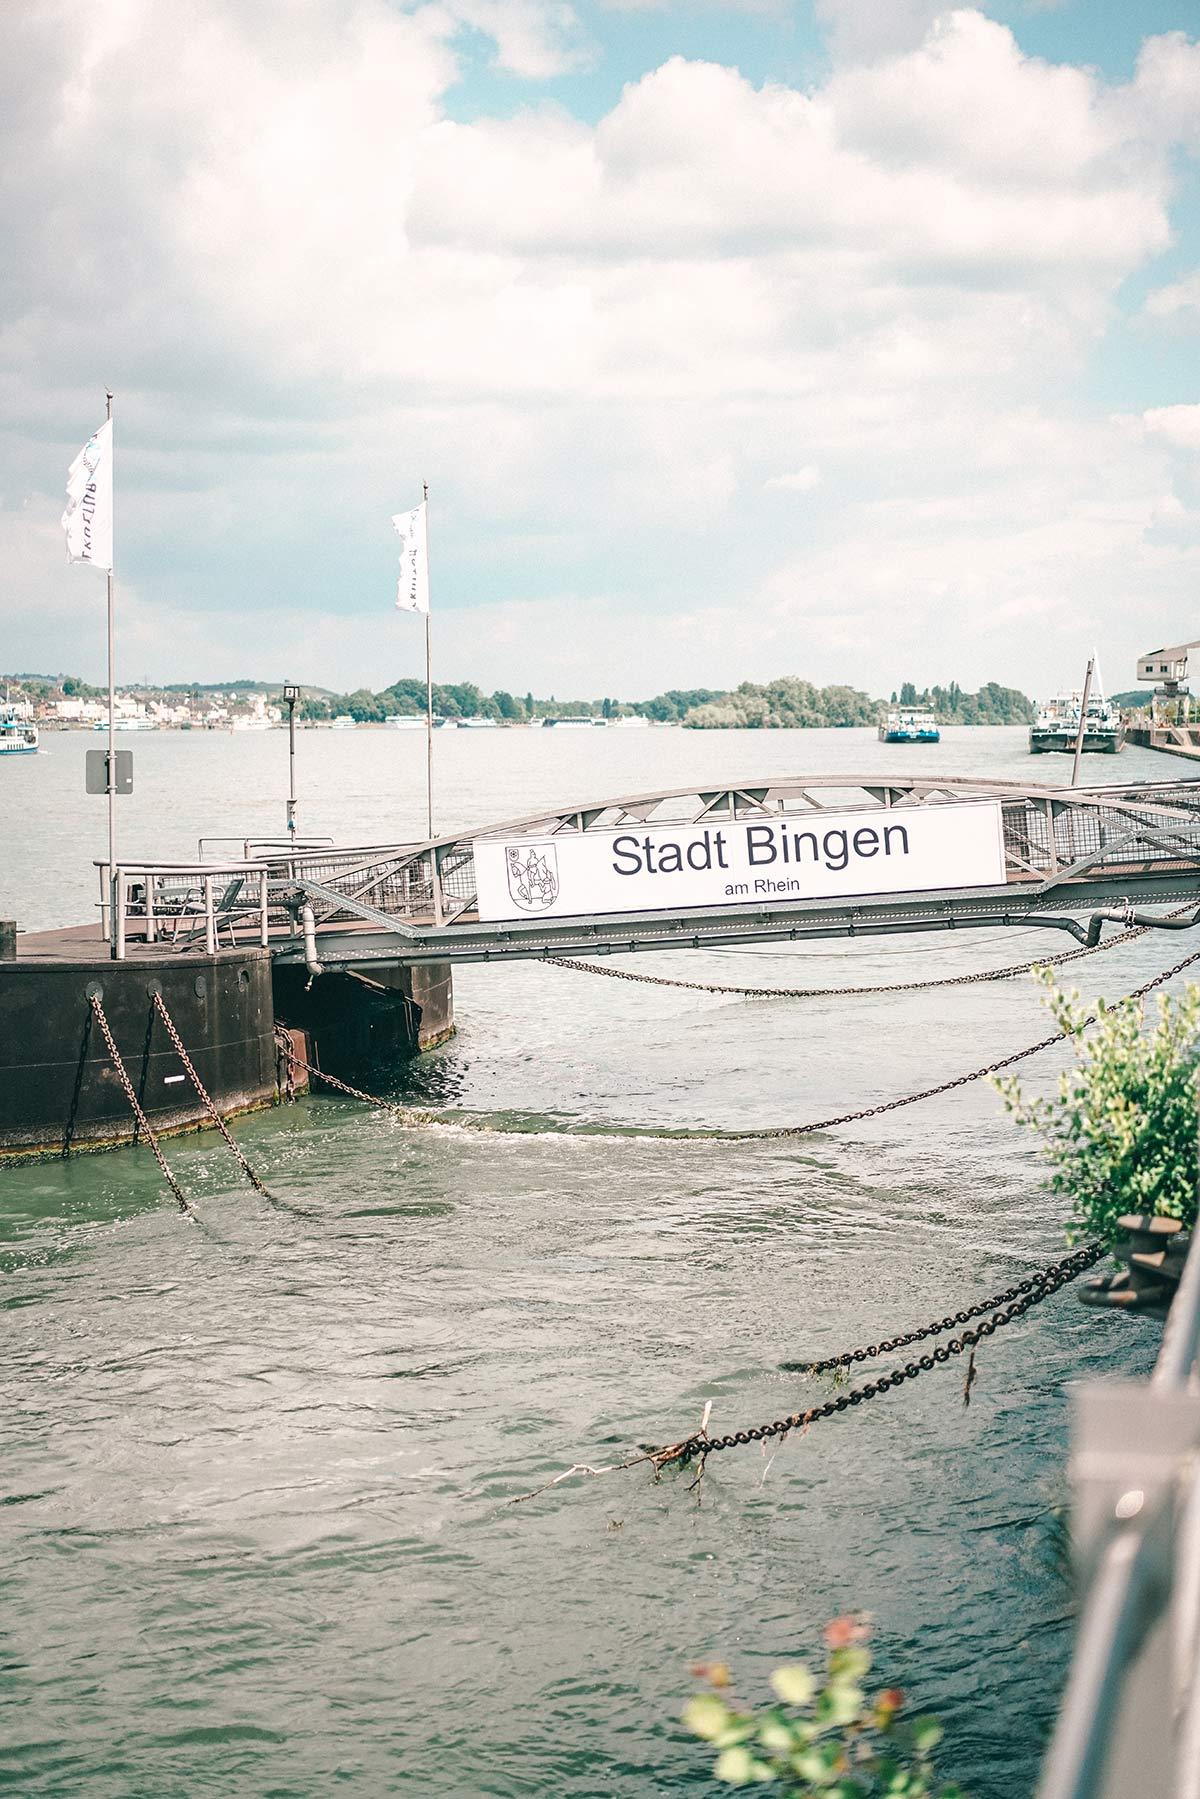 Anlegeplatz Bingen am Rhein